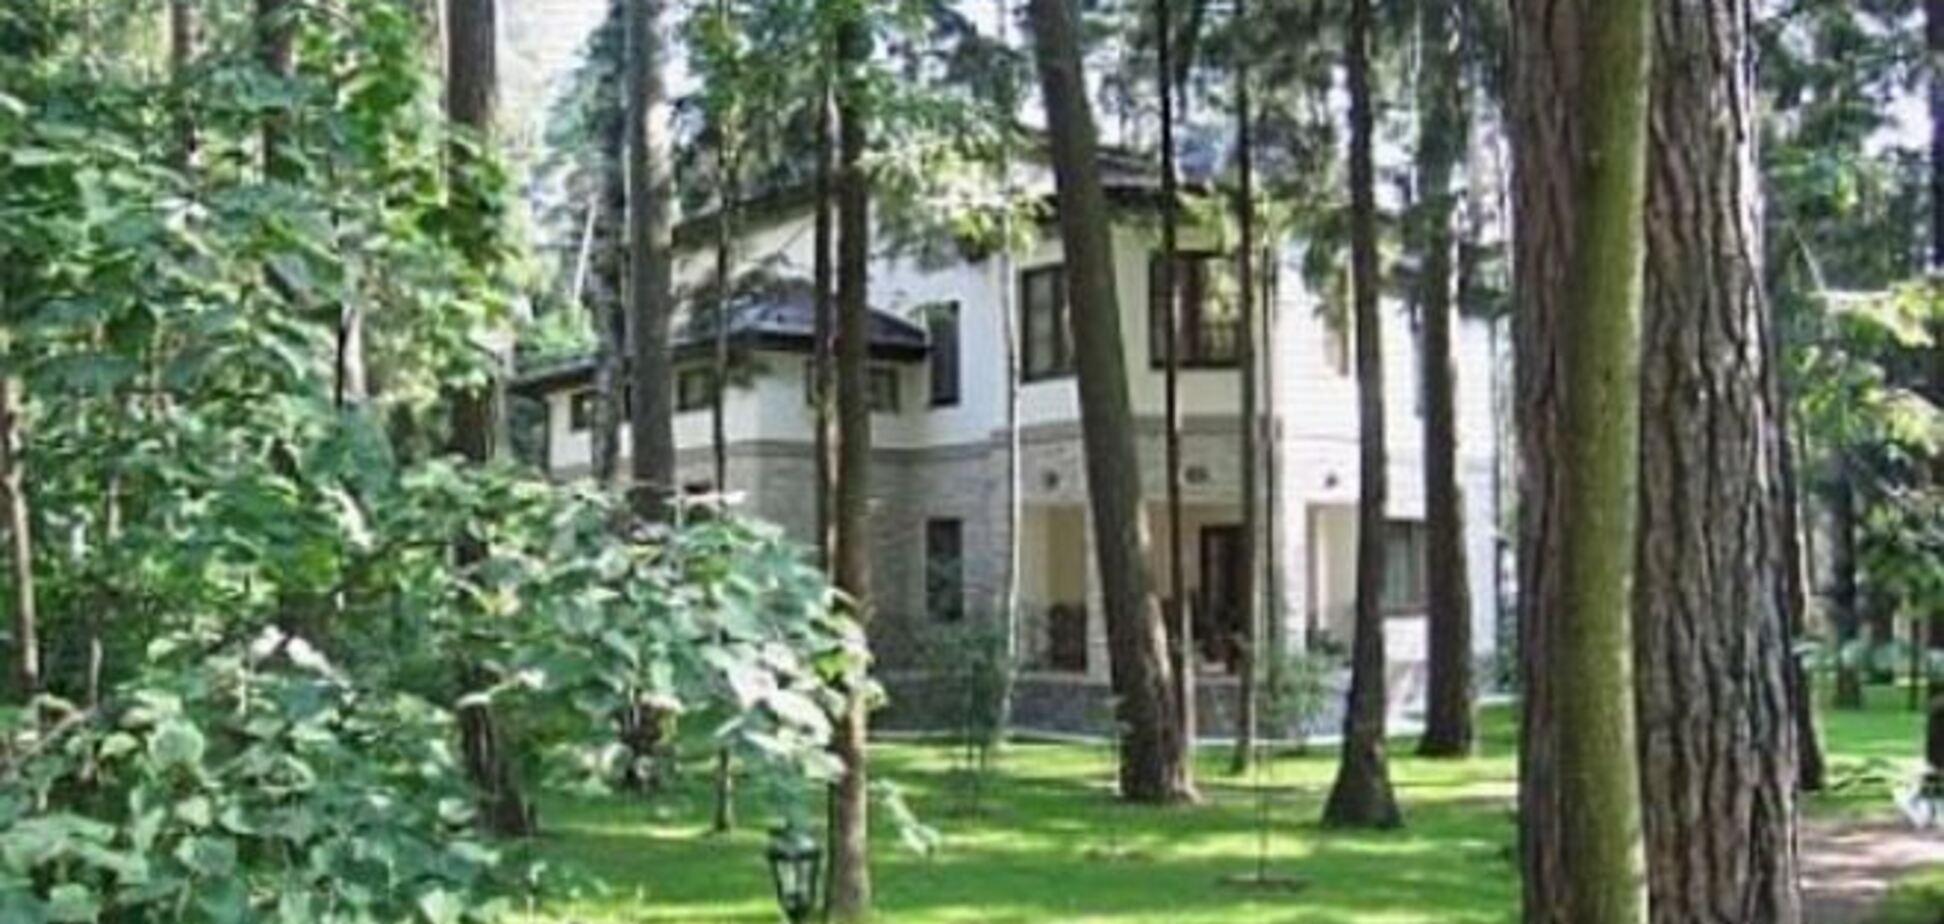 В госсобственность вернули 2,6 га леса, принадлежавшие Януковичу